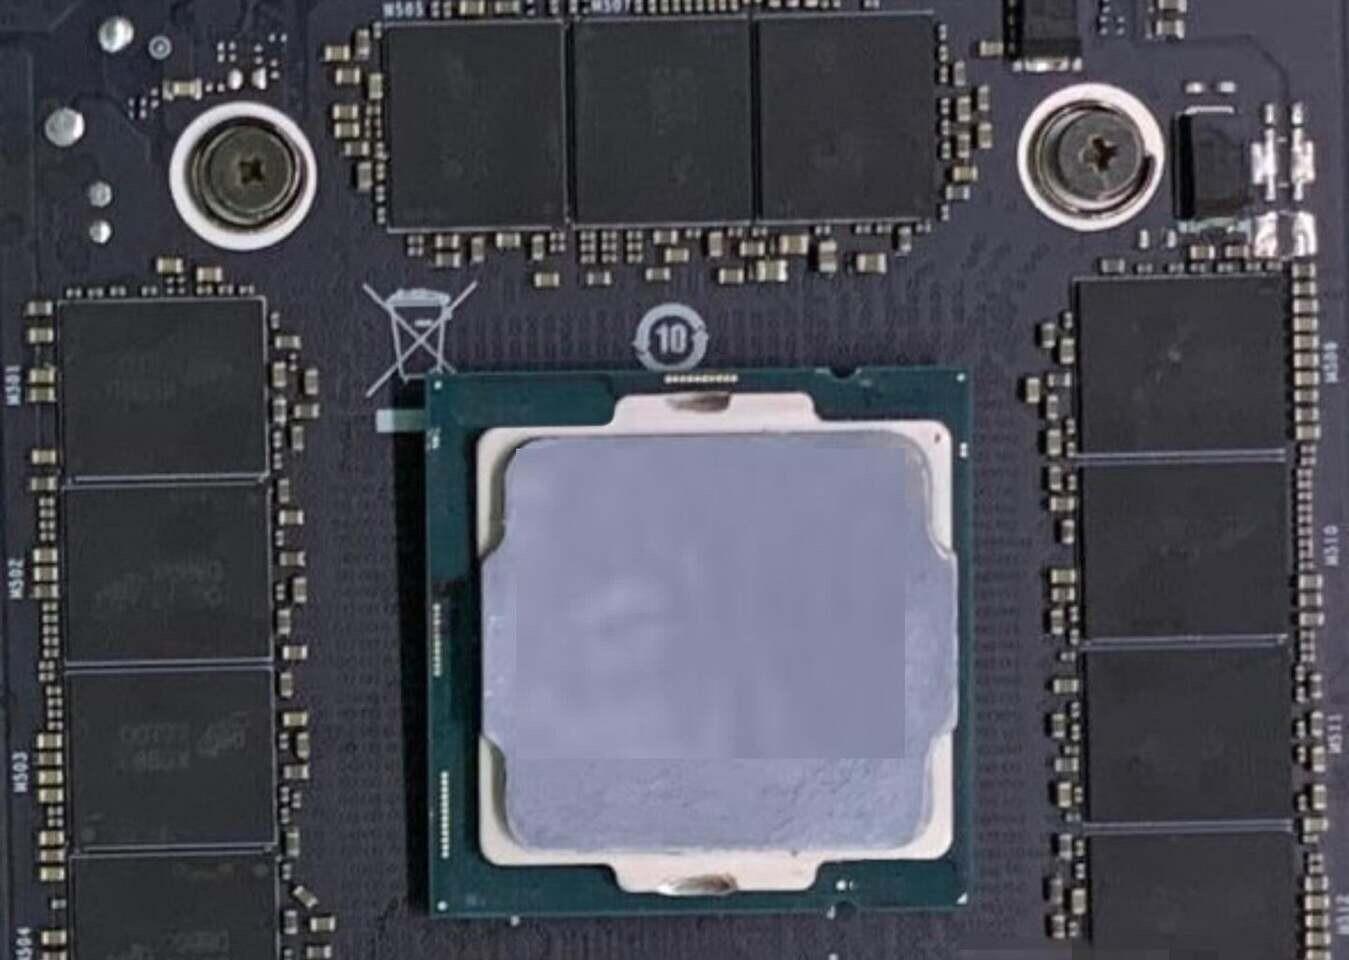 RTX 3090 PCB